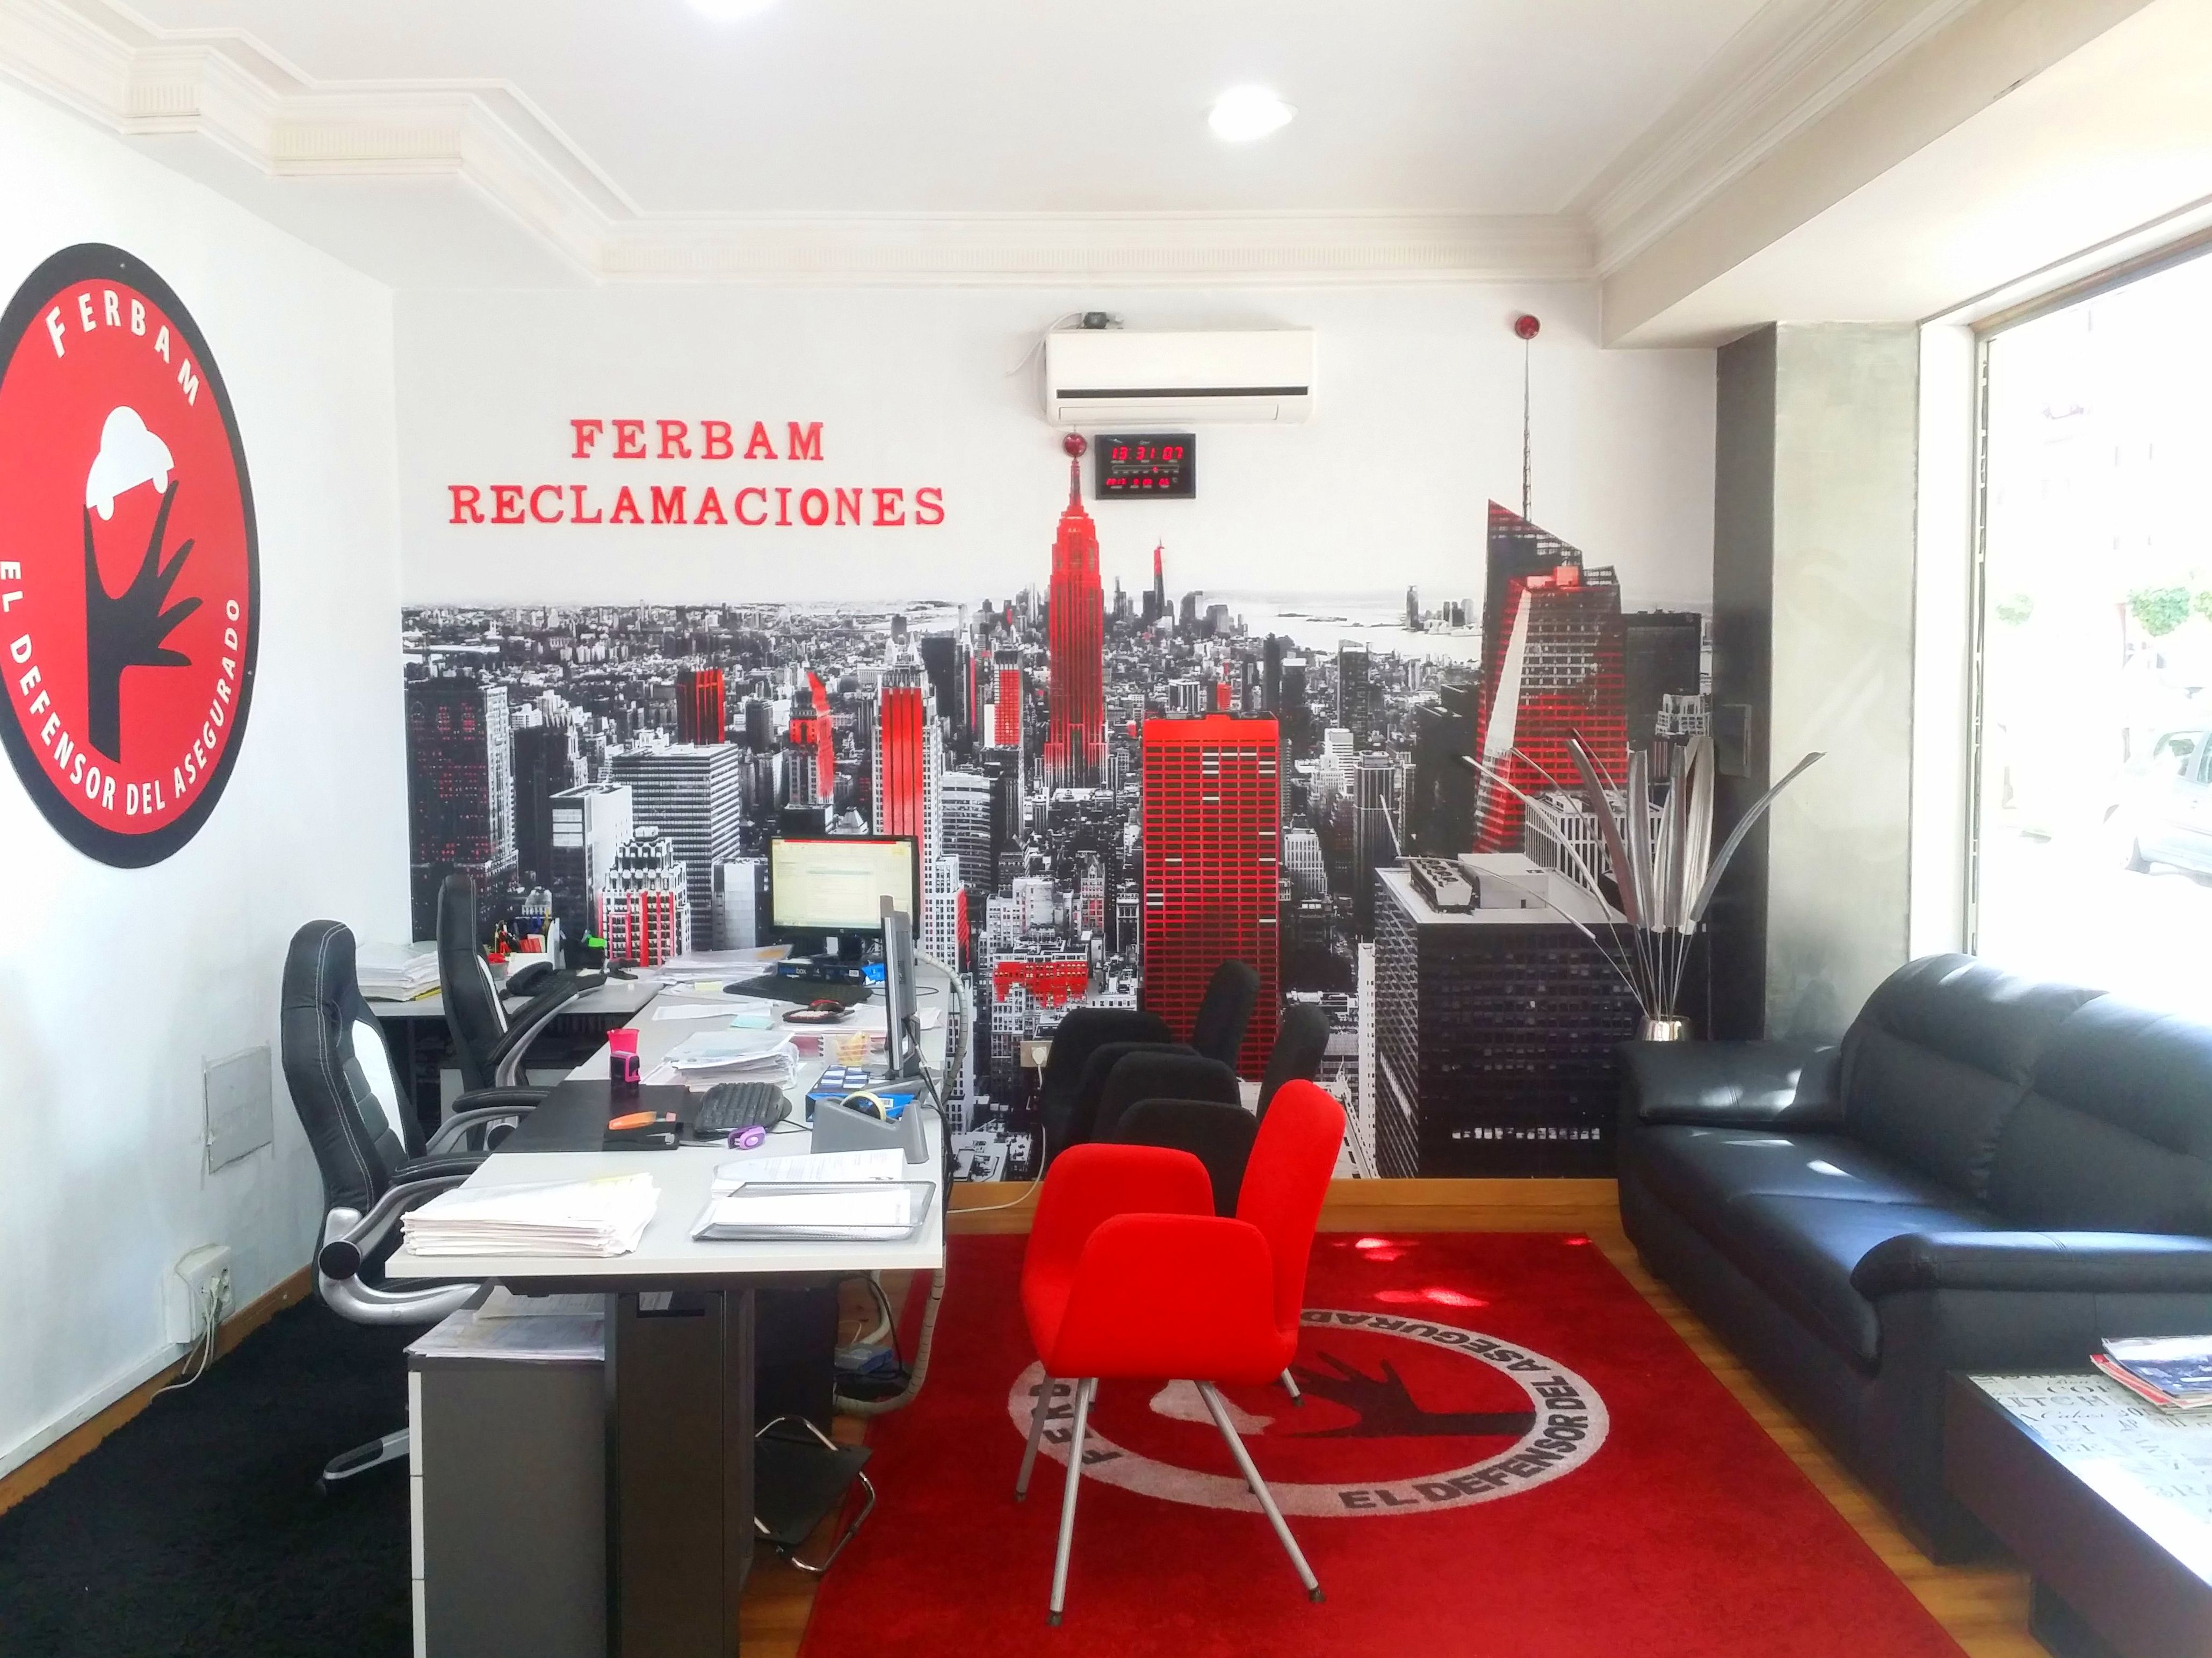 Foto 2 de Despacho de abogados especializado en indemnizaciones y reclamaciones en Vigo | Ferbam Reclamaciones